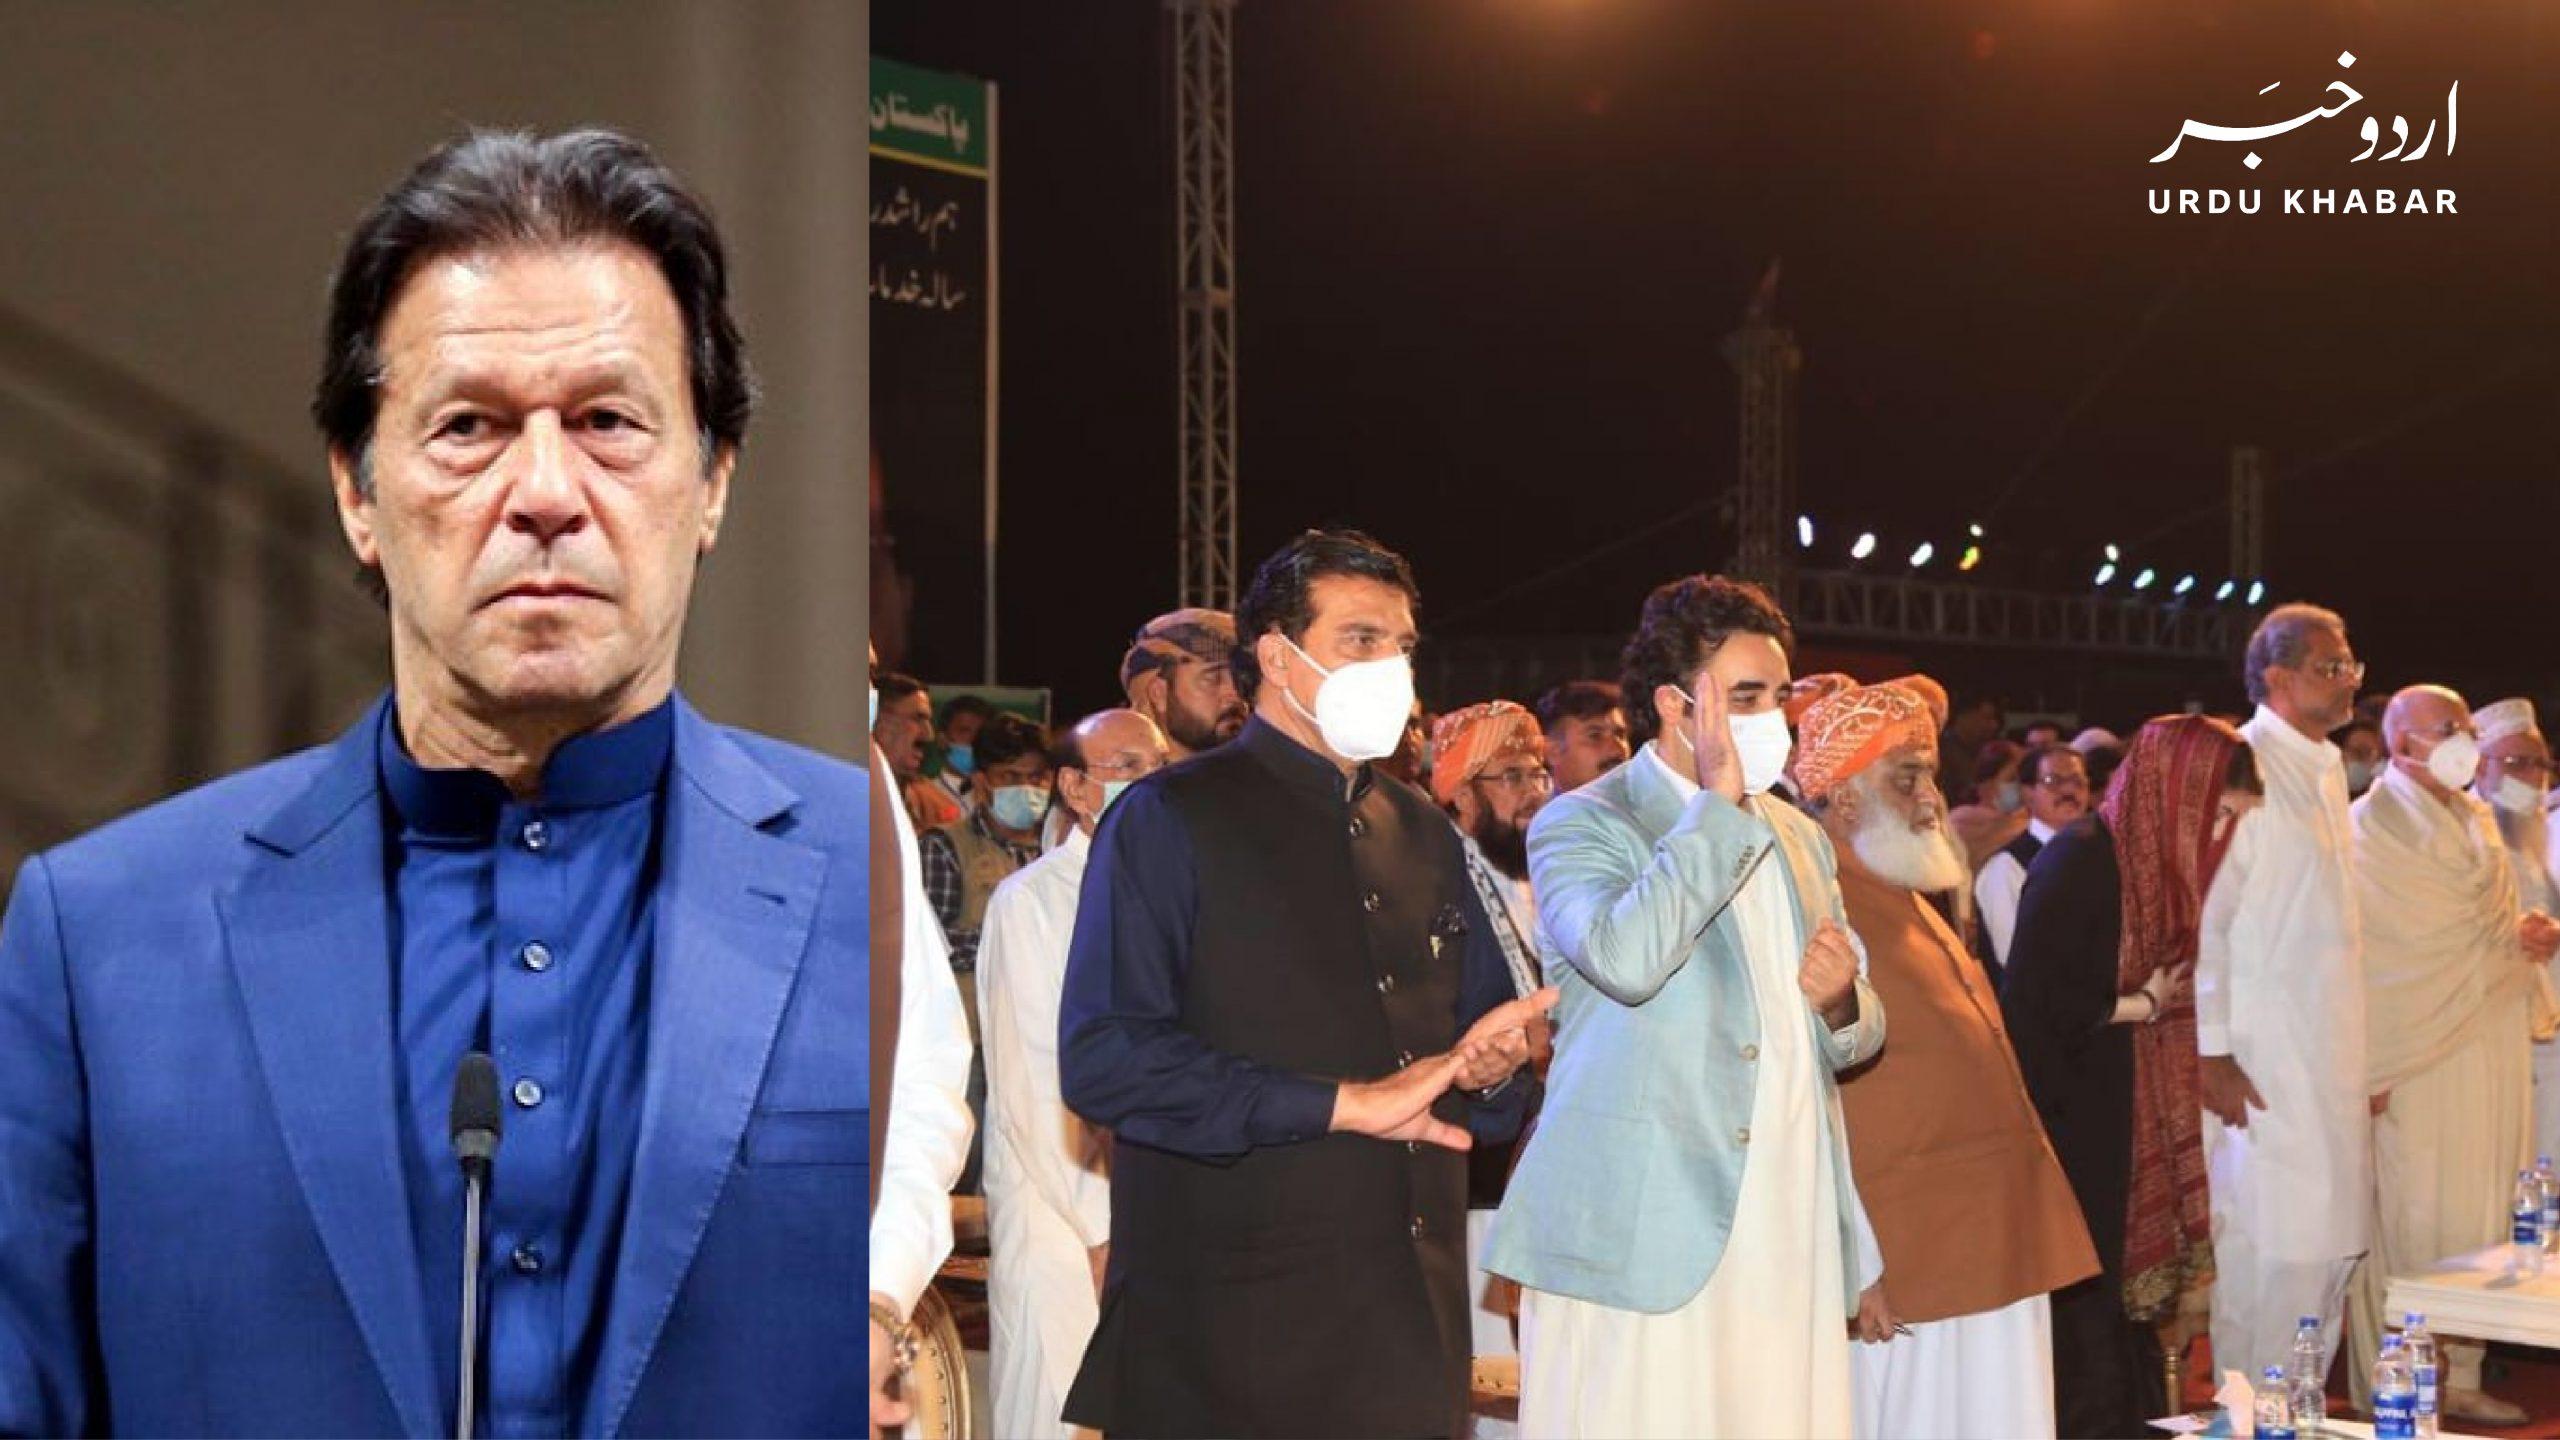 وزیر اعظم عمران خان اور پی ڈی ایم کے ایک دوسرے پر لفظوں کے وار